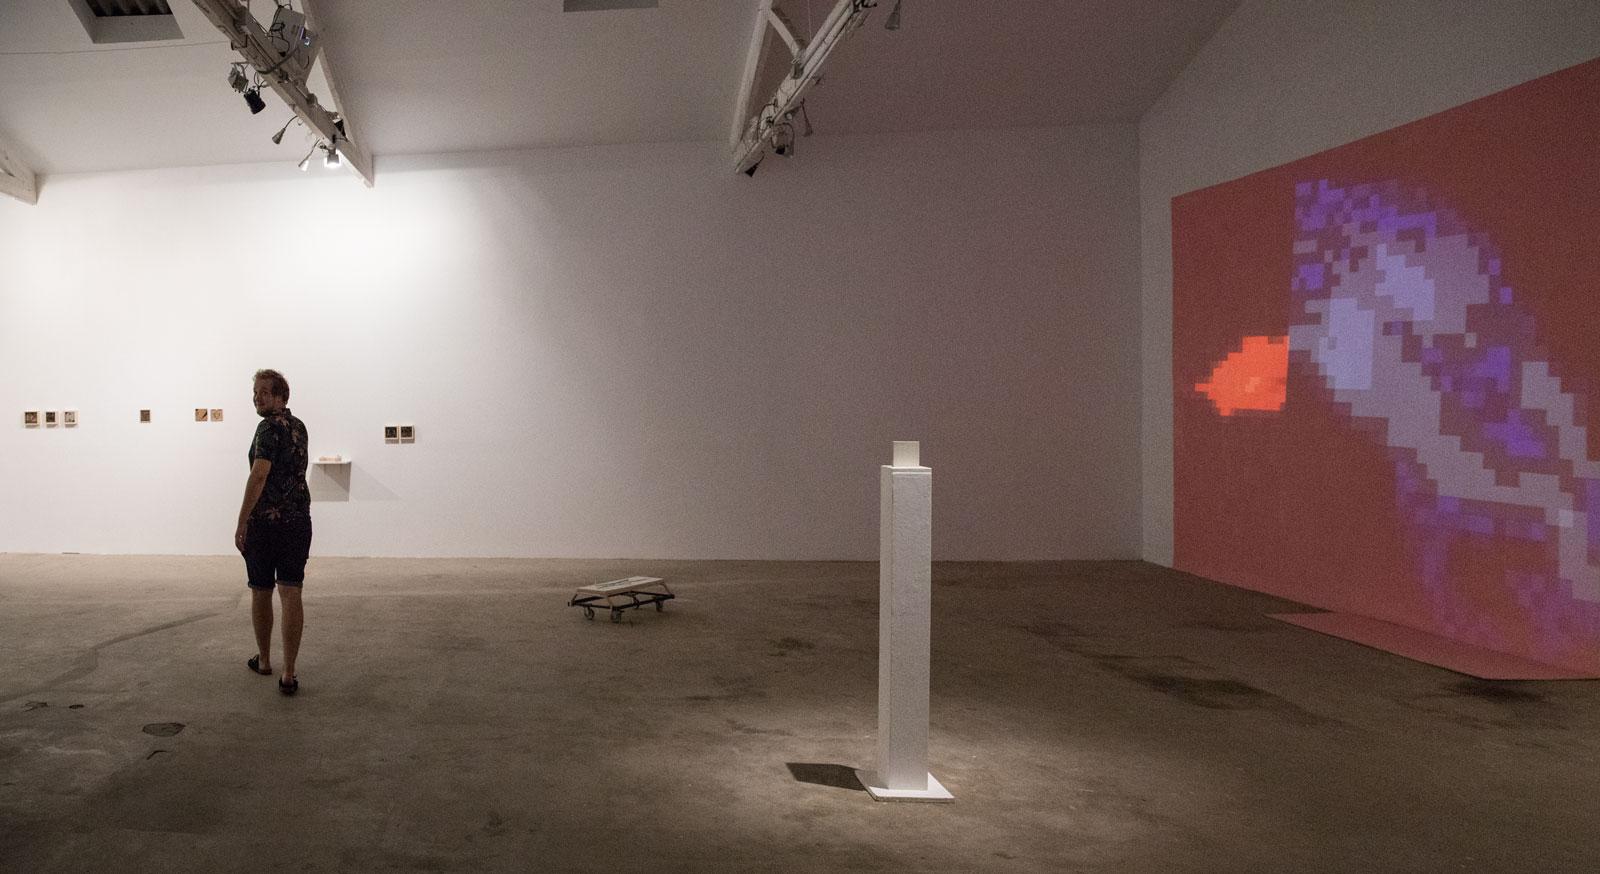 Georg_pinteritsch_exhibition-view-3_espronceda